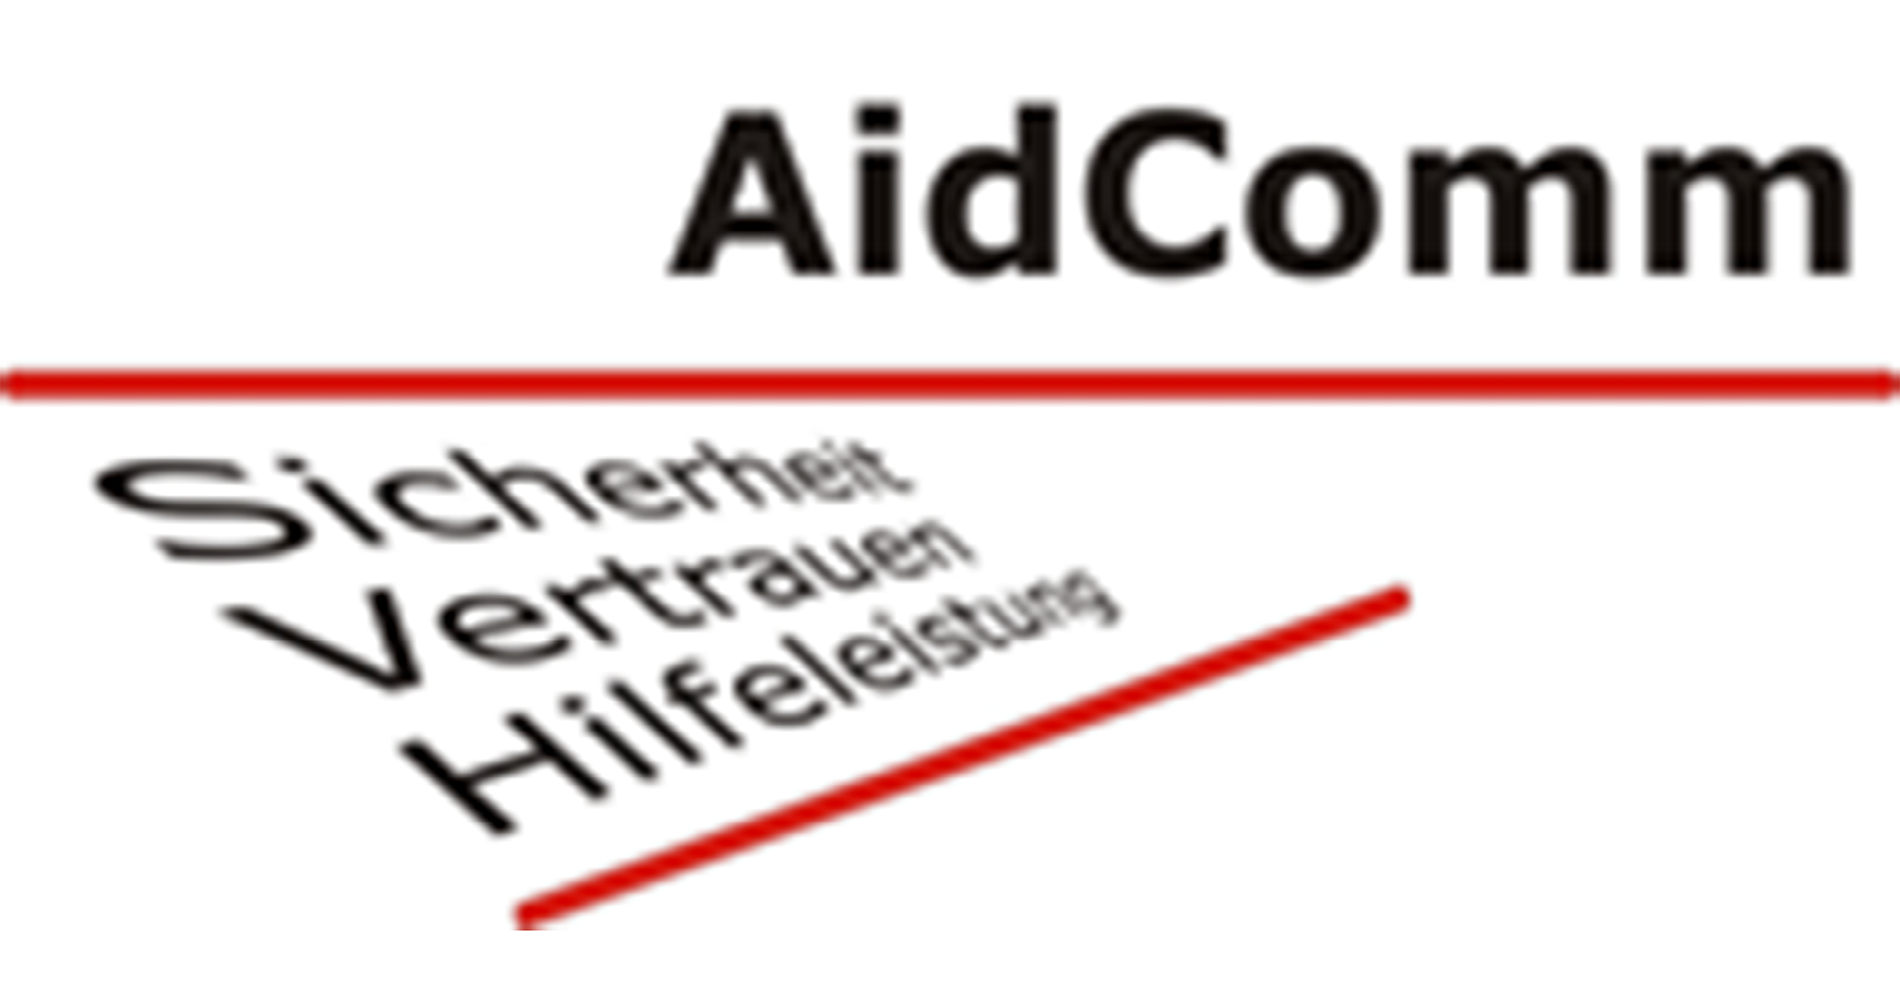 aidcomm logo